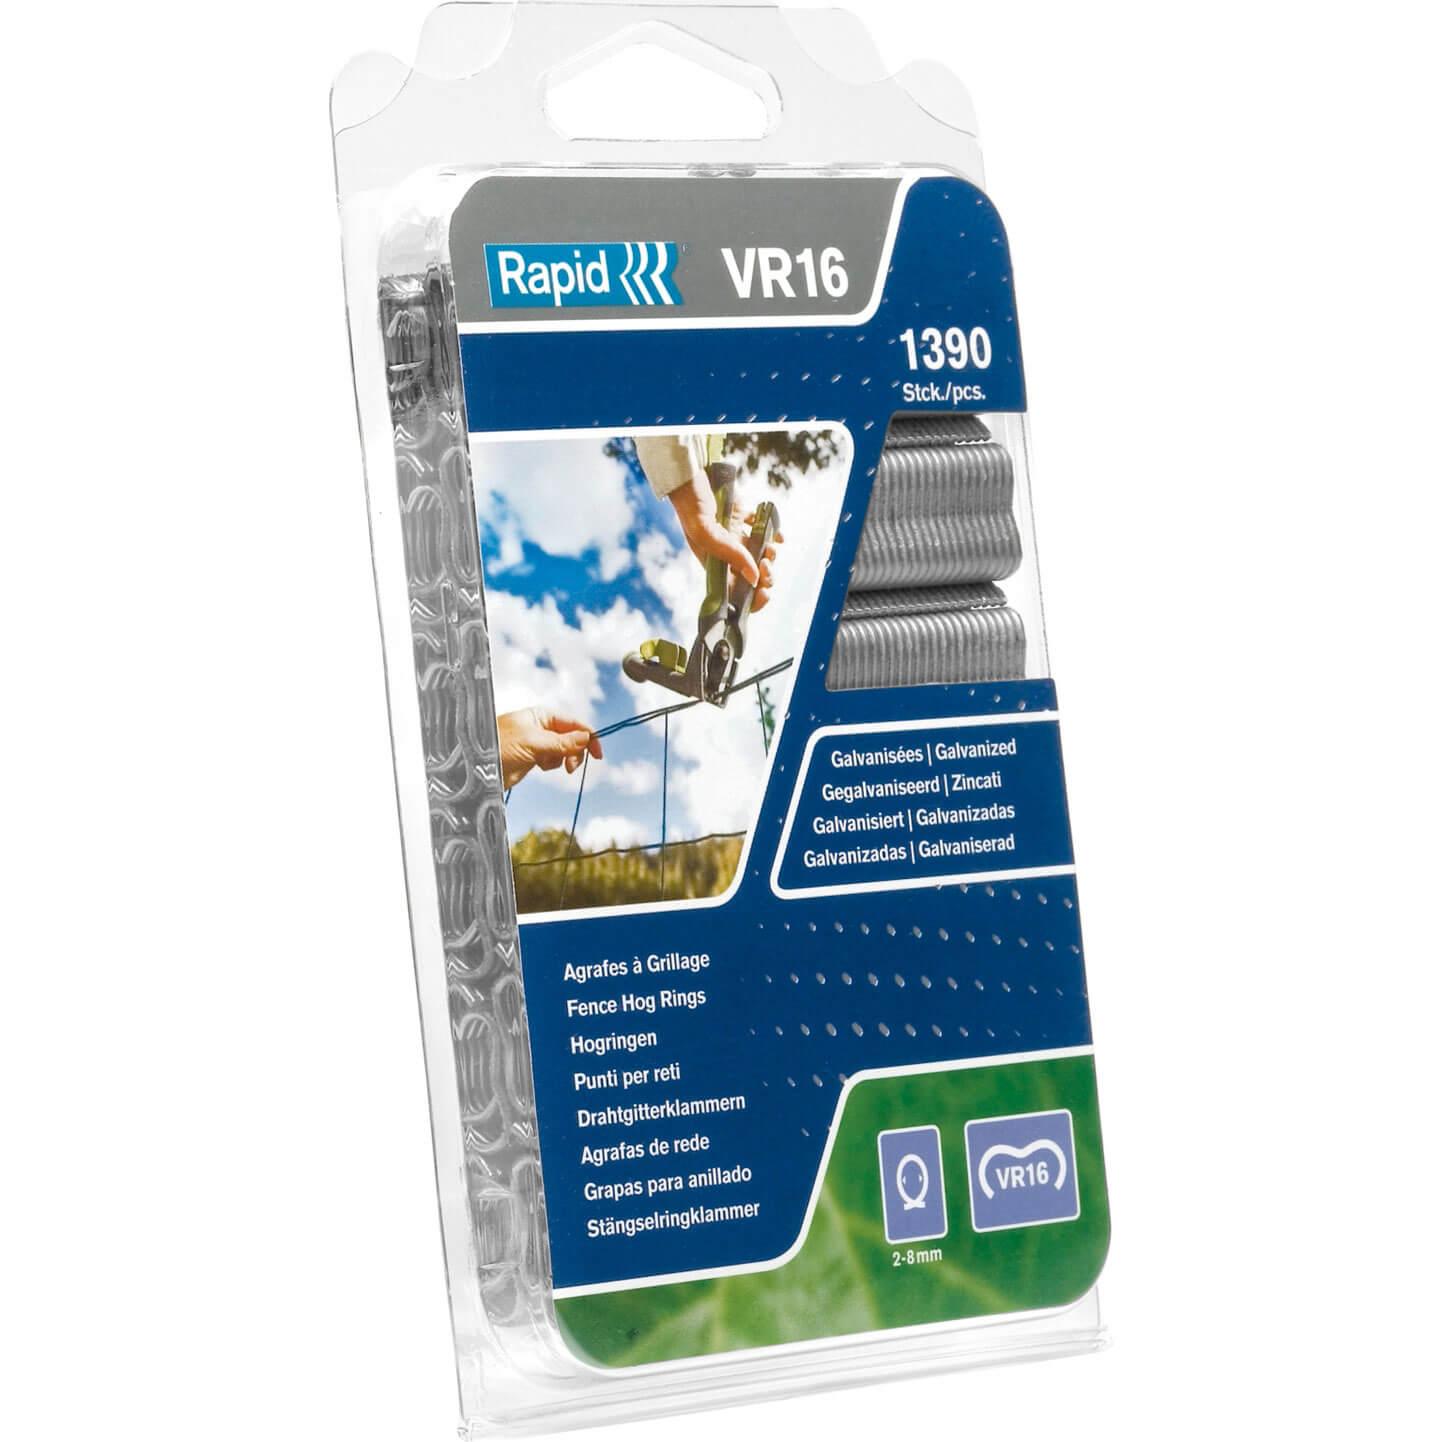 Image of Rapid VR16 Fence Hog Rings Galvanised Pack of 1390